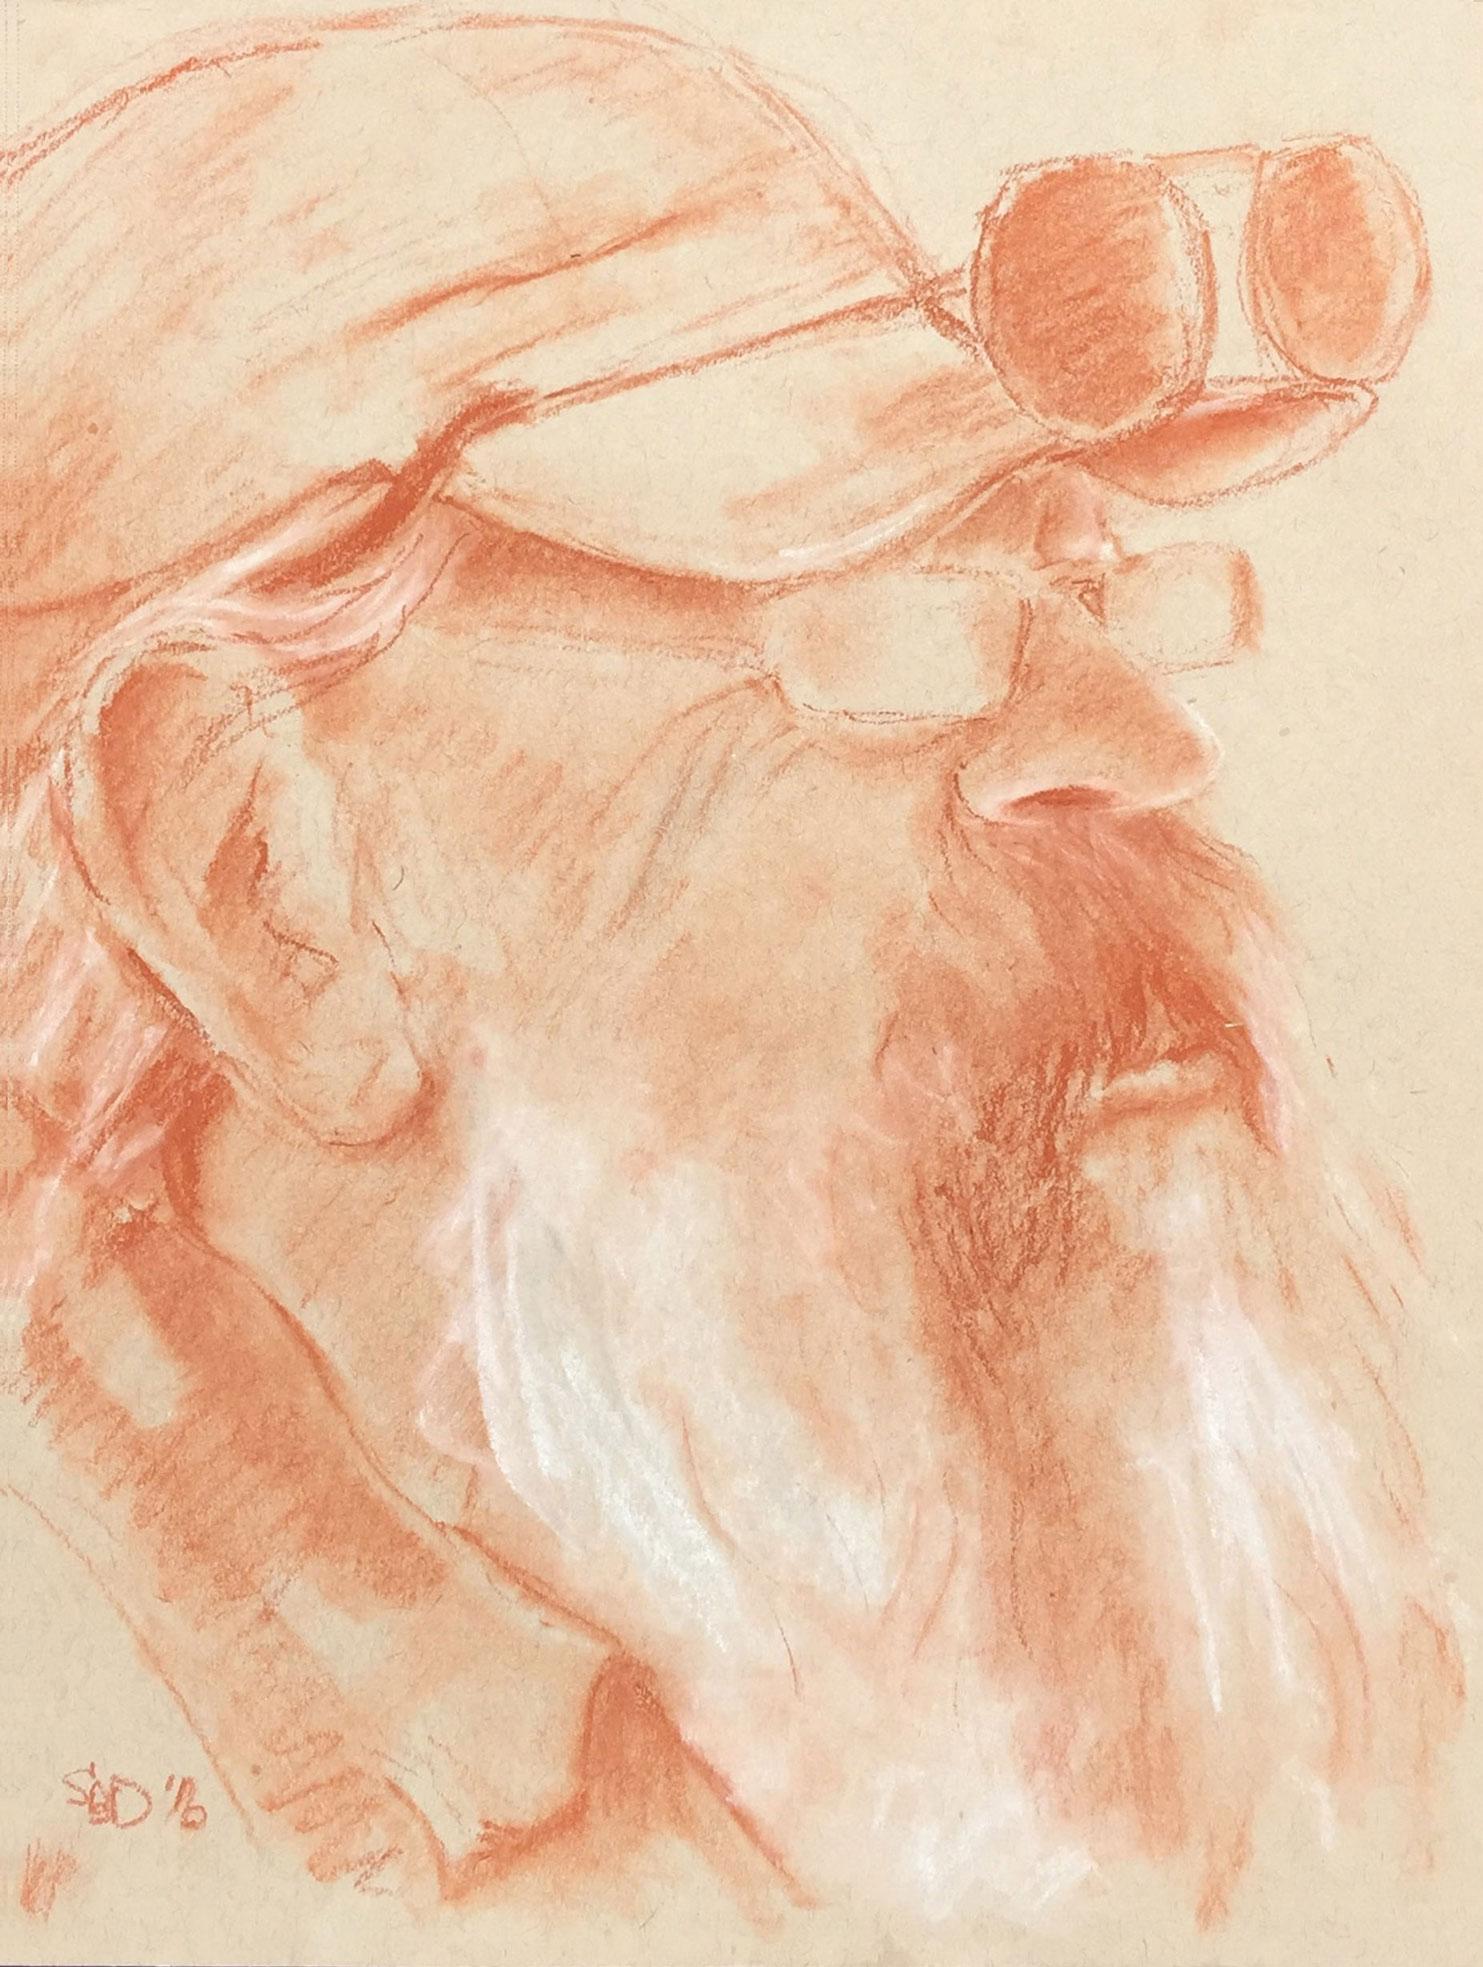 sepia drawing of Rick